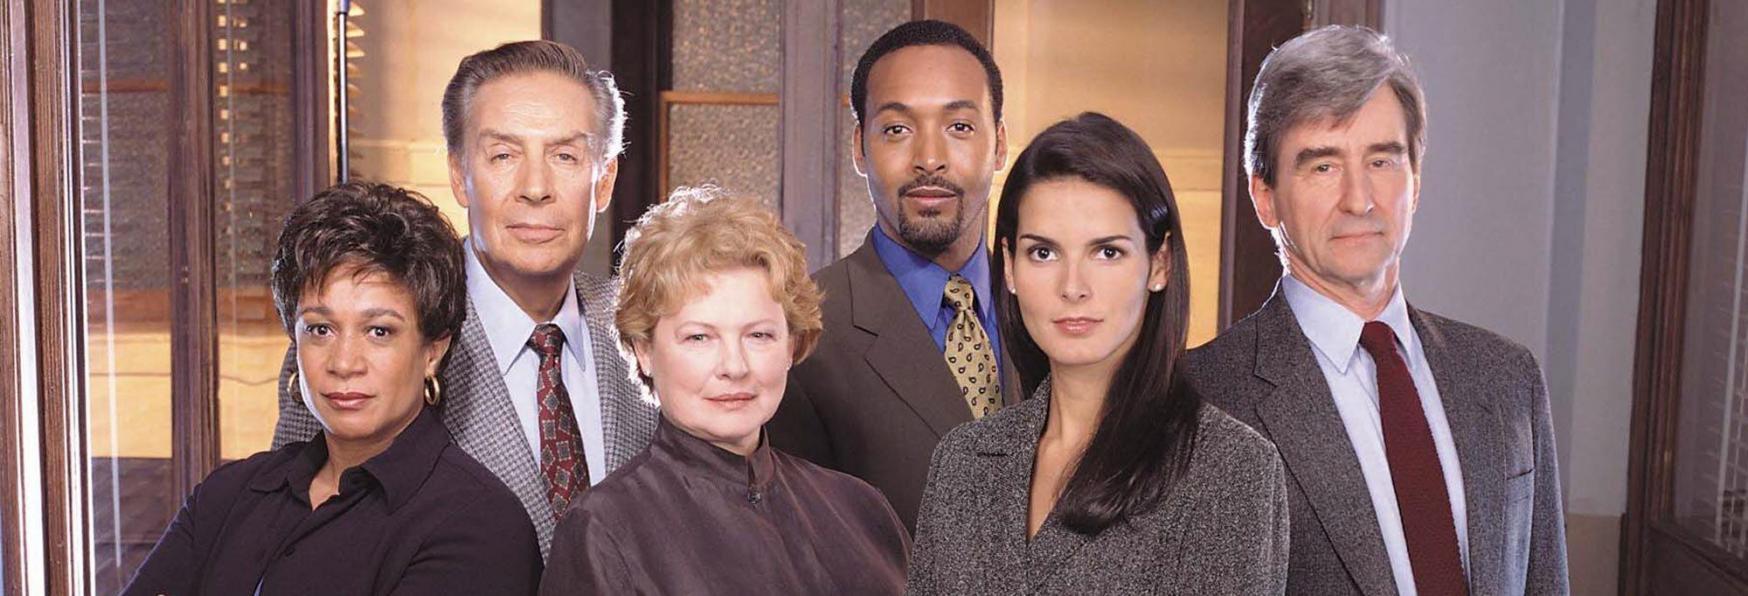 L'originale Law & Order Prosegue: la Serie TV viene Rinnovata per una 21° Stagione